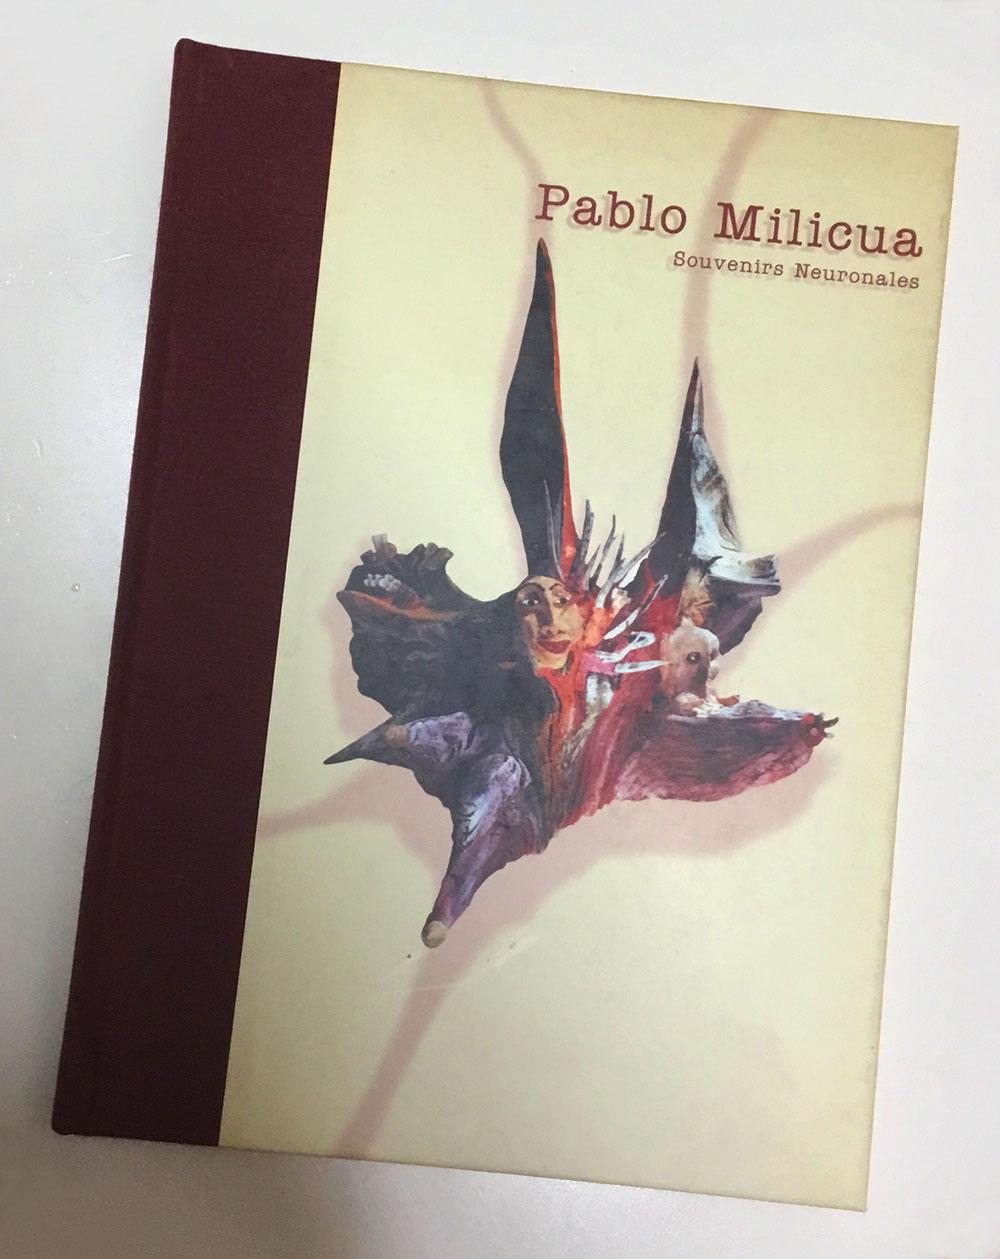 milicua_souvenirs_neuronales pablomad